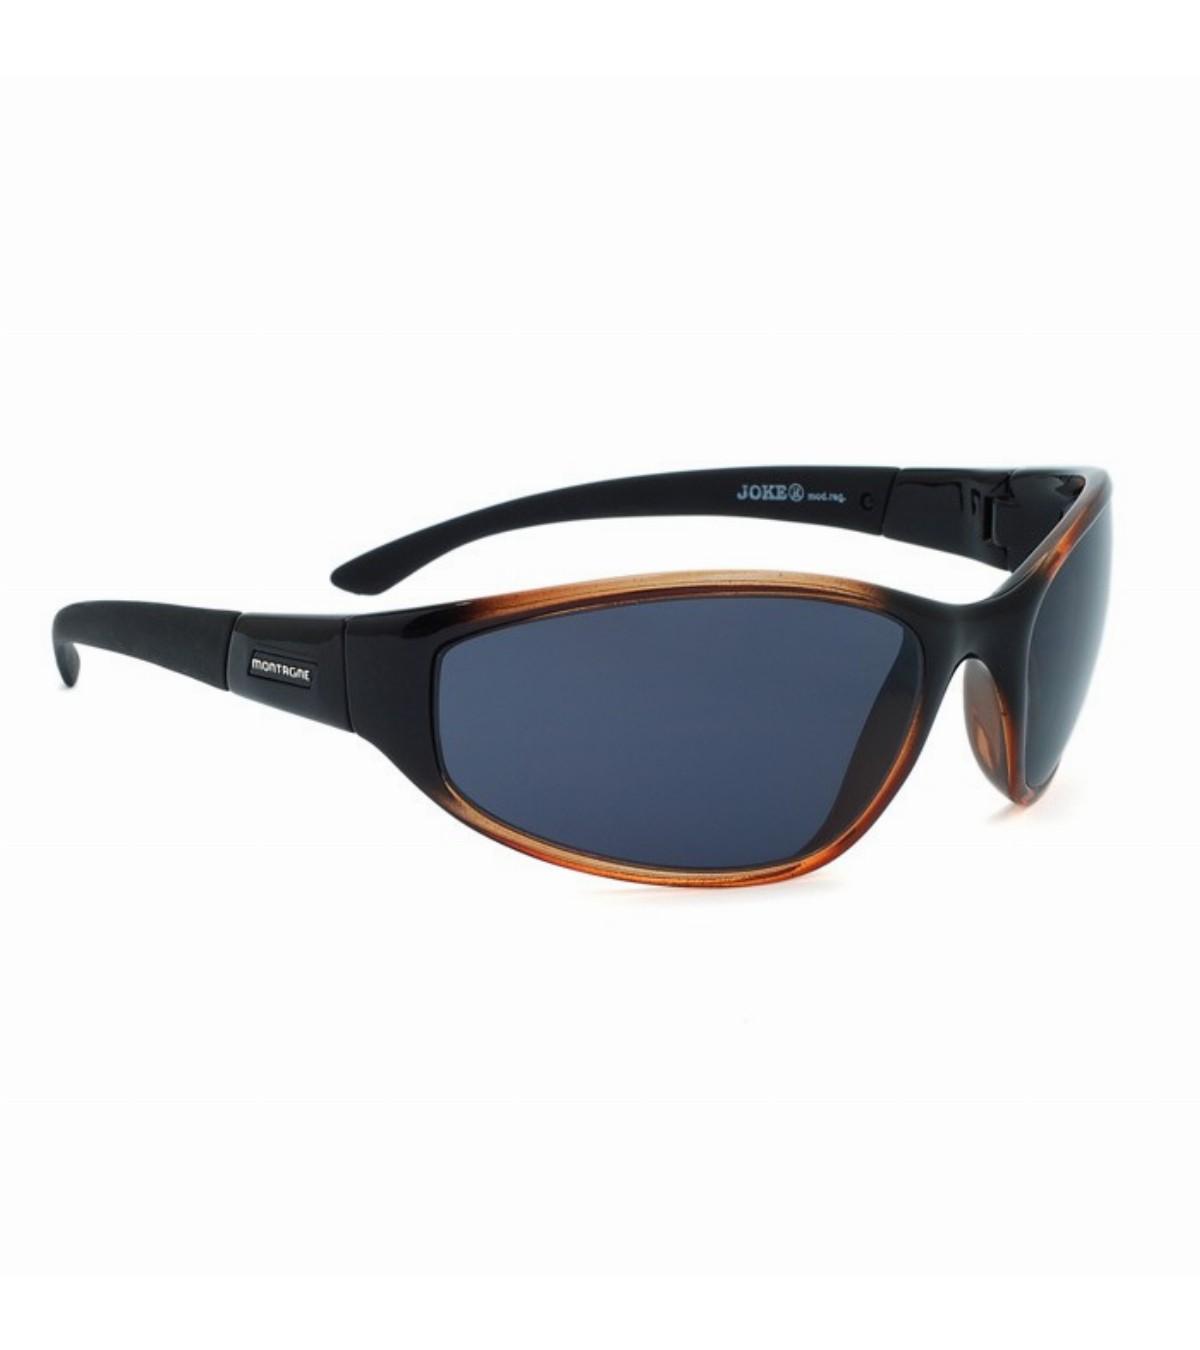 01fcb0f756 Montagne: gafas nieve, anteojos para nieve, gafas de sky, gafas de ...